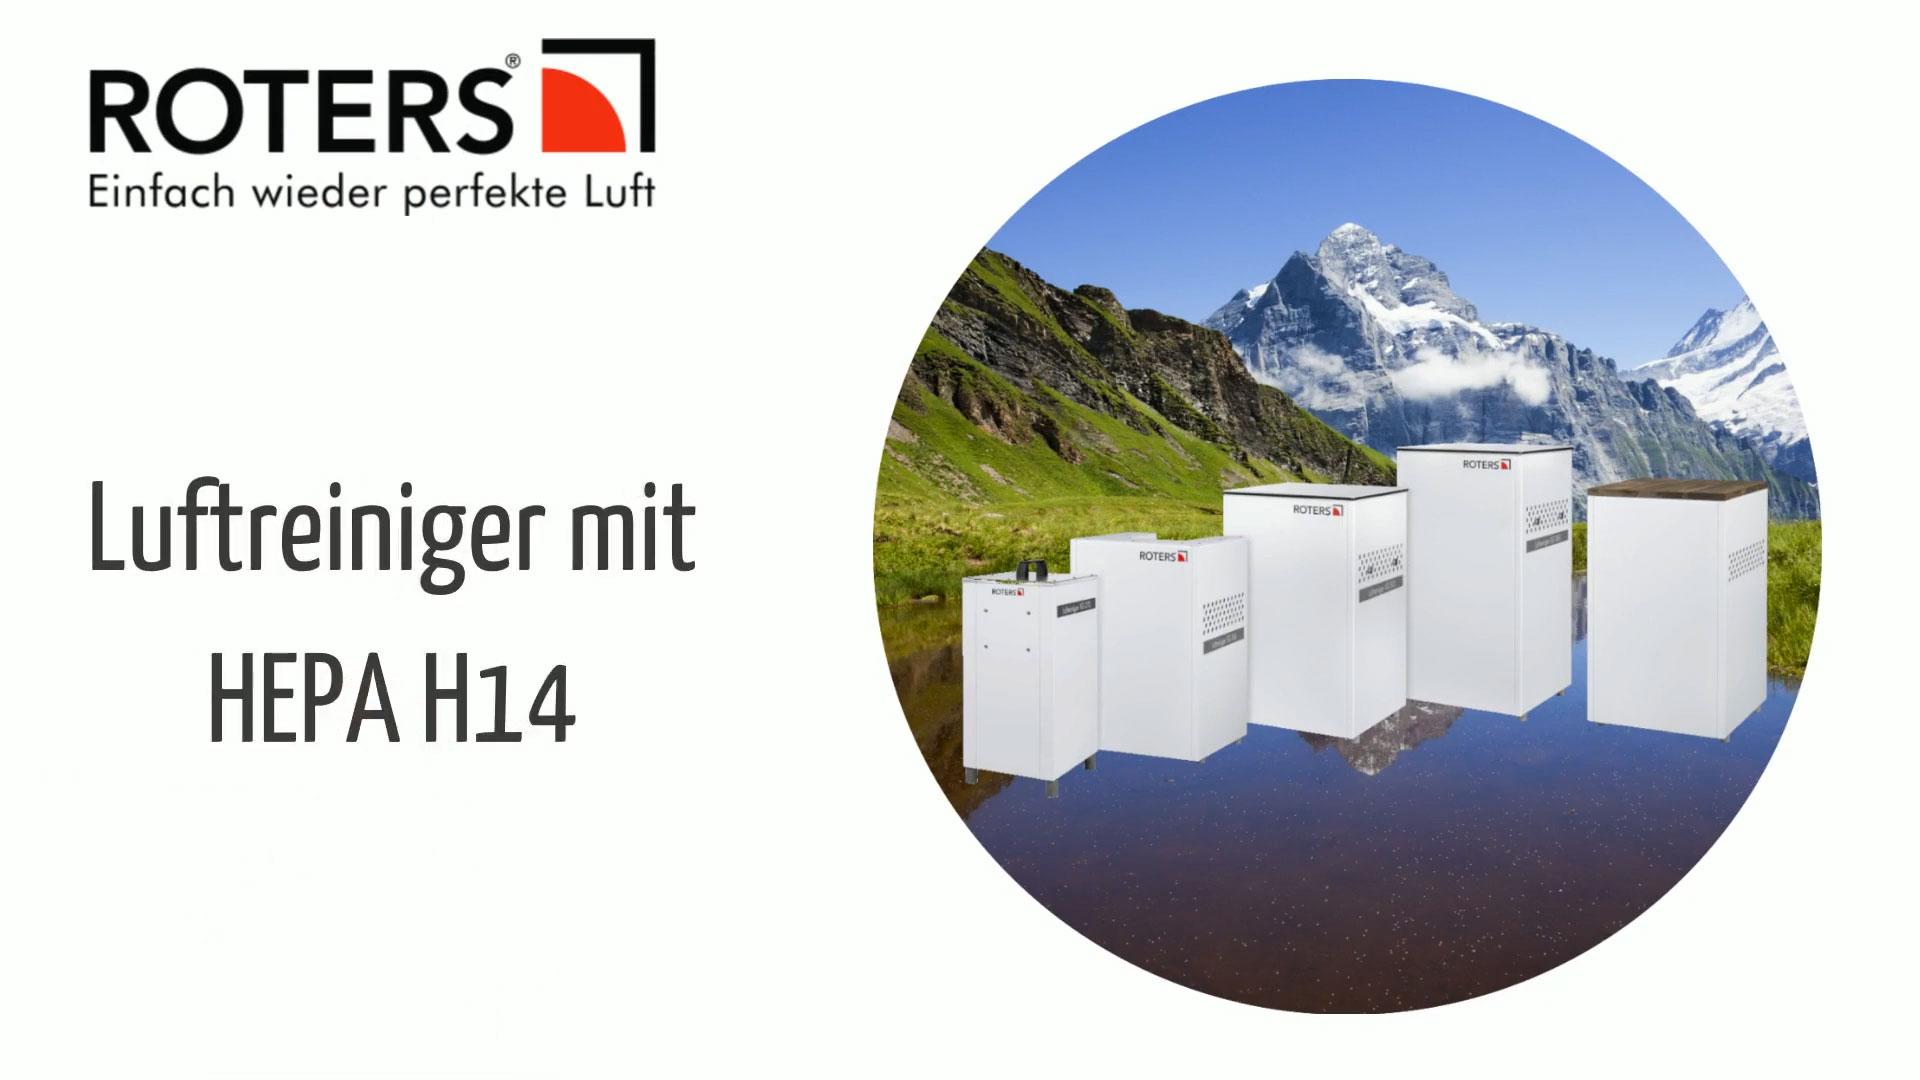 Roters HEPA H14 Luftreiniger für eine effektive Reinigung der Raumluft